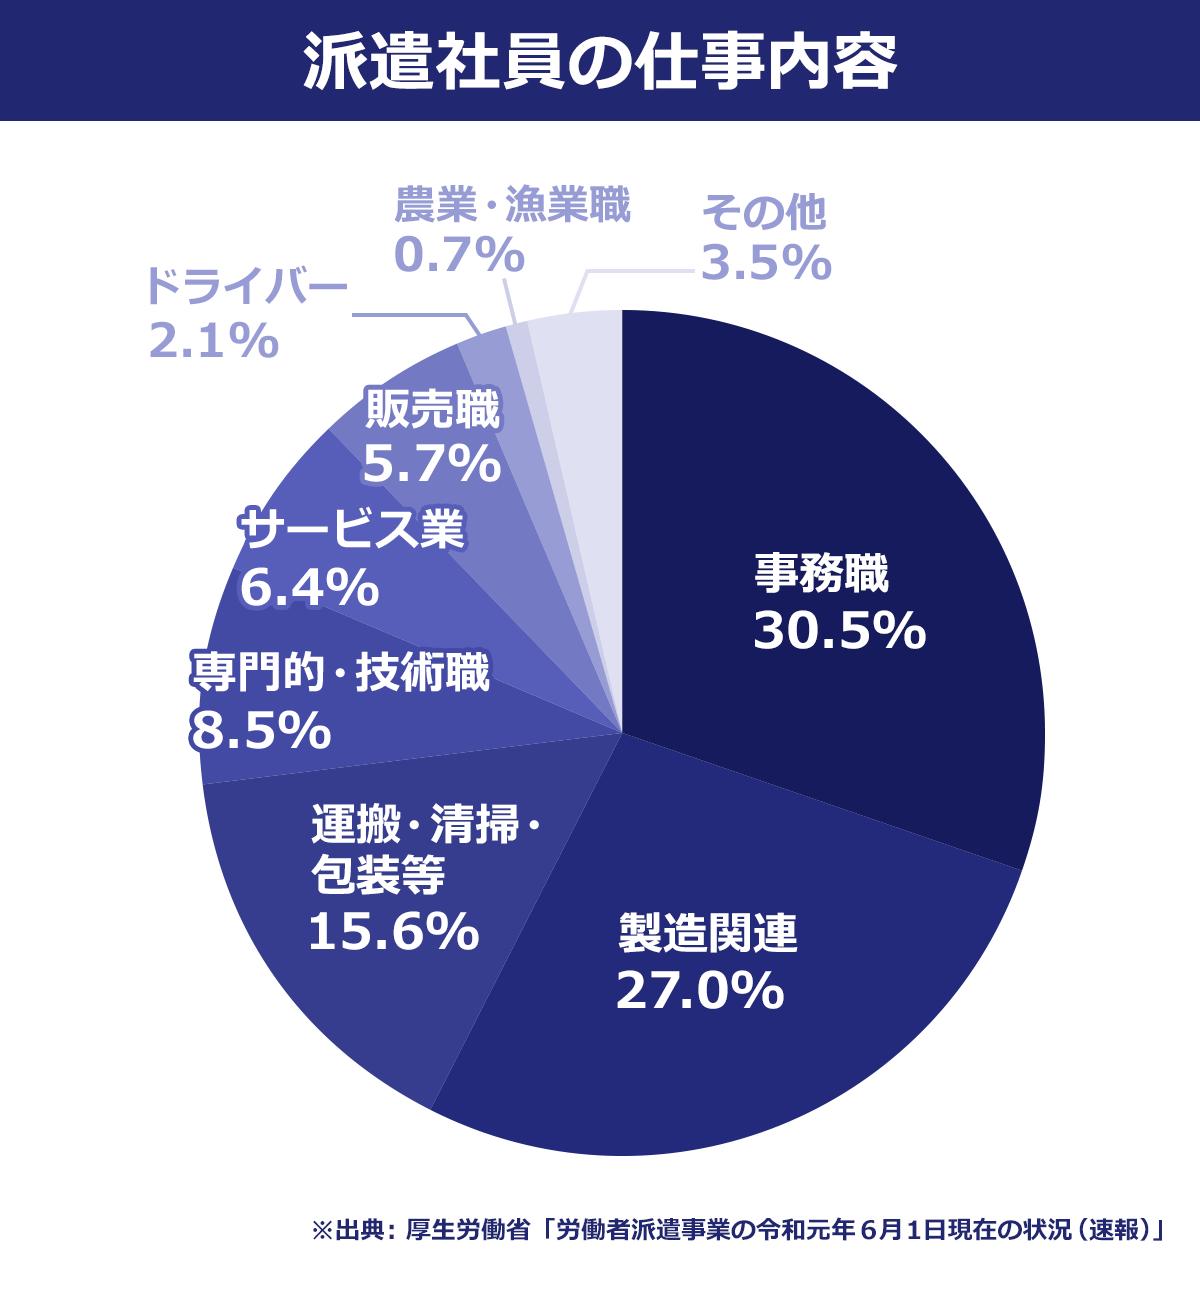 【派遣社員の仕事内容】 事務職/30.5% |製造関連/27.0% |運搬・清掃・包装等/15.6% |専門的・技術職/8.5% |サービス業/6.4% |販売職/5.7% |ドライバー/2.1% |農業・漁業職/0.7% |その他/3.5% |※出典:厚生労働省「労働者派遣事業の令和元年6月1日現在の状況(速報)」